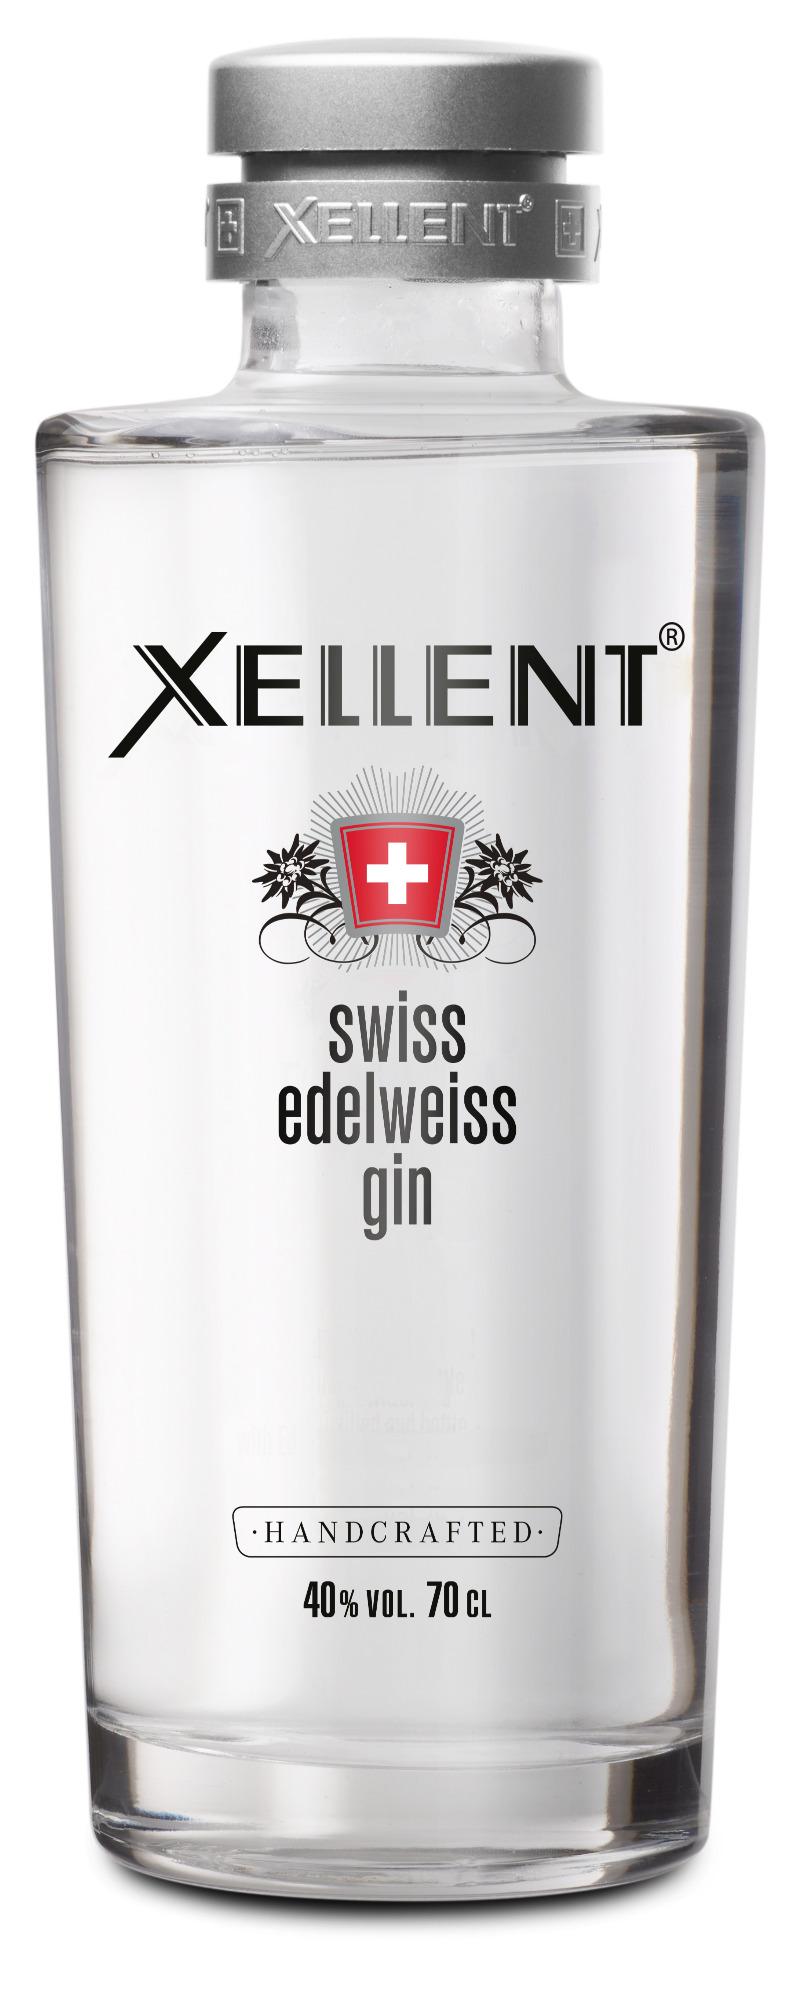 XELLENT Edelweiss GIN: Inspiriert von Kräutern und Pflanzen aus dem firmeneigenen Garten